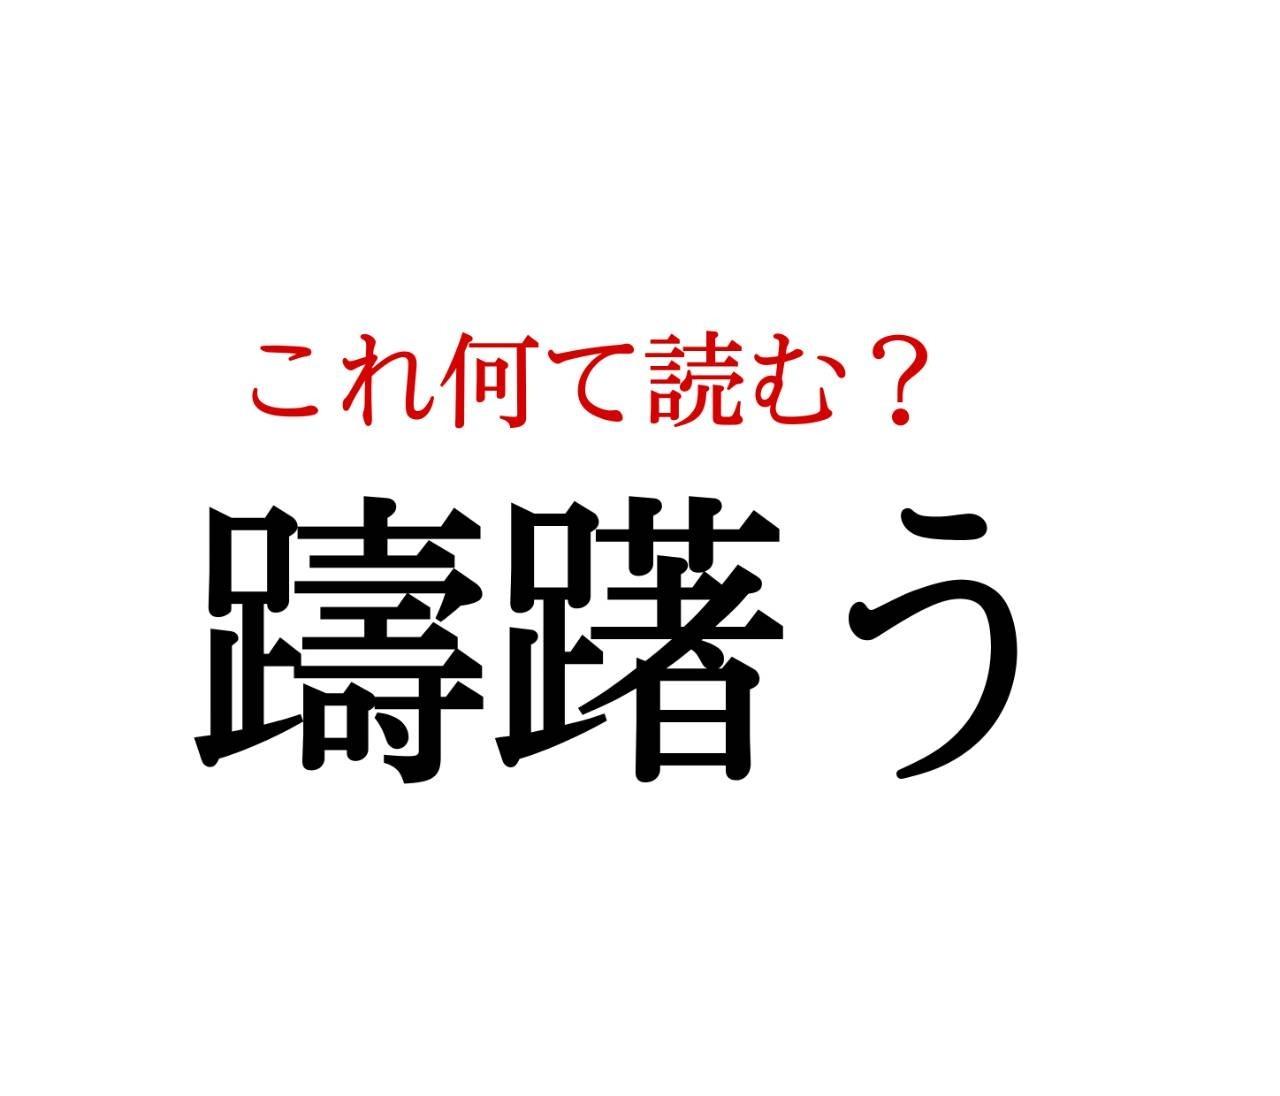 「躊躇う」:この漢字、自信を持って読めますか?【働く大人の漢字クイズvol.33】